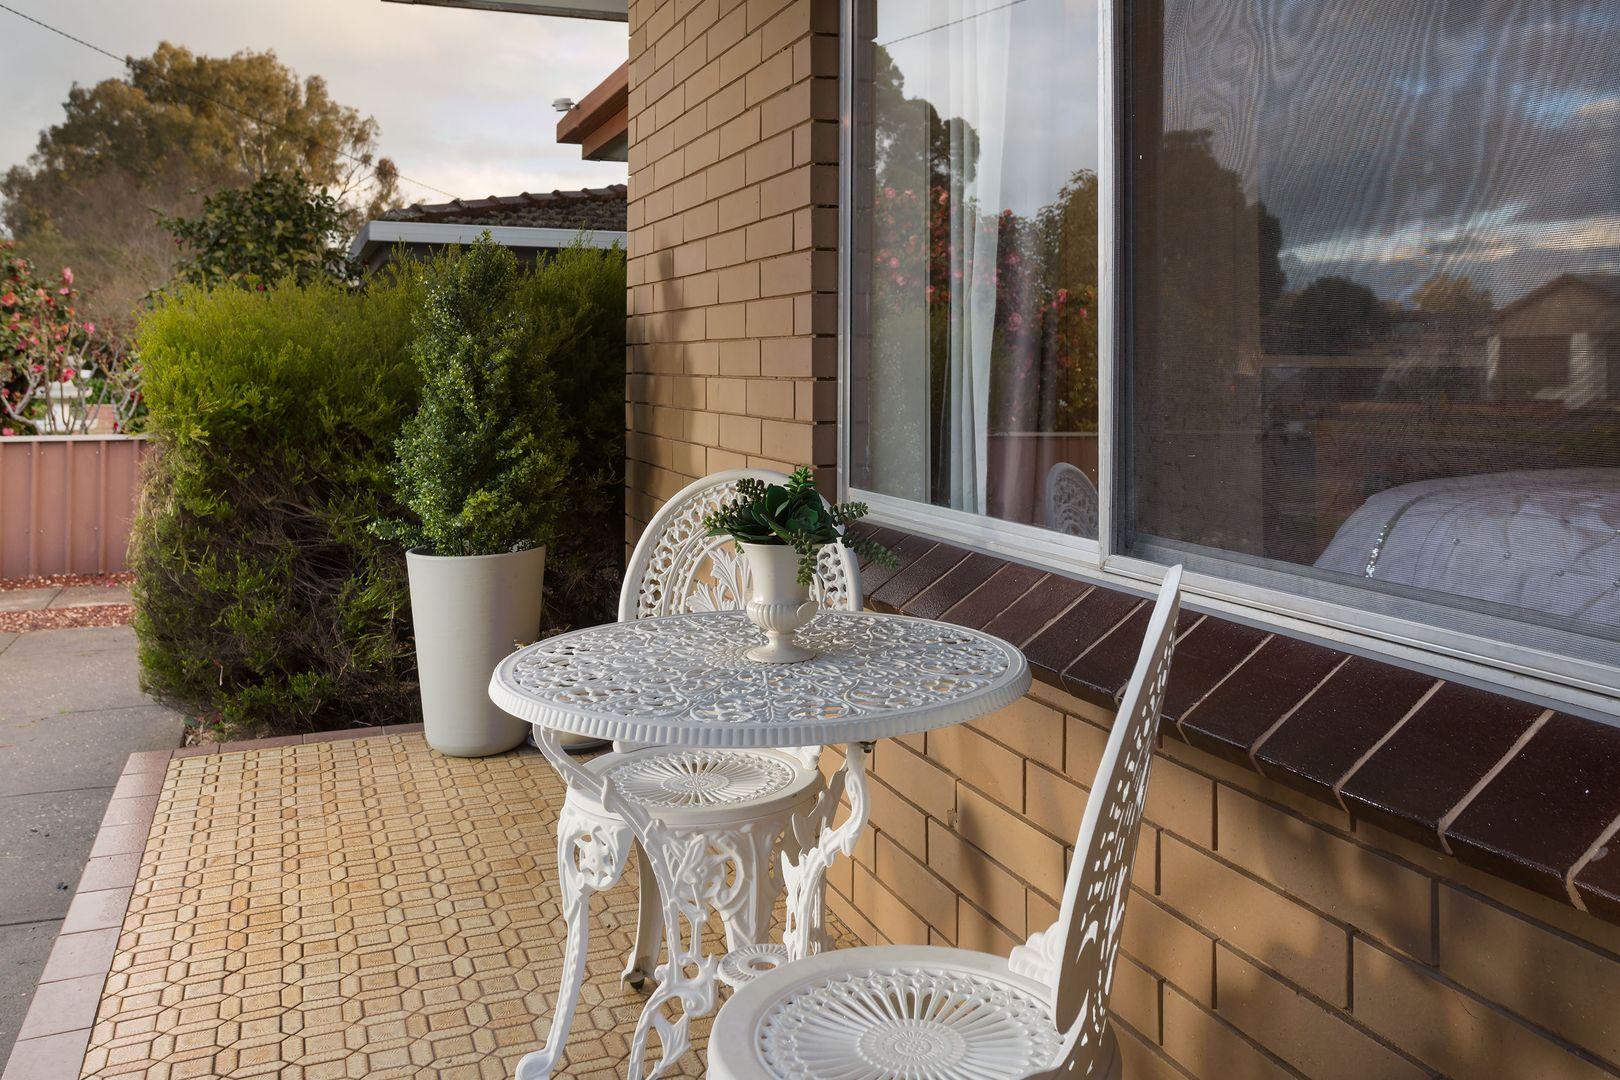 205 Kiewa  Street, Albury NSW 2640, Image 1